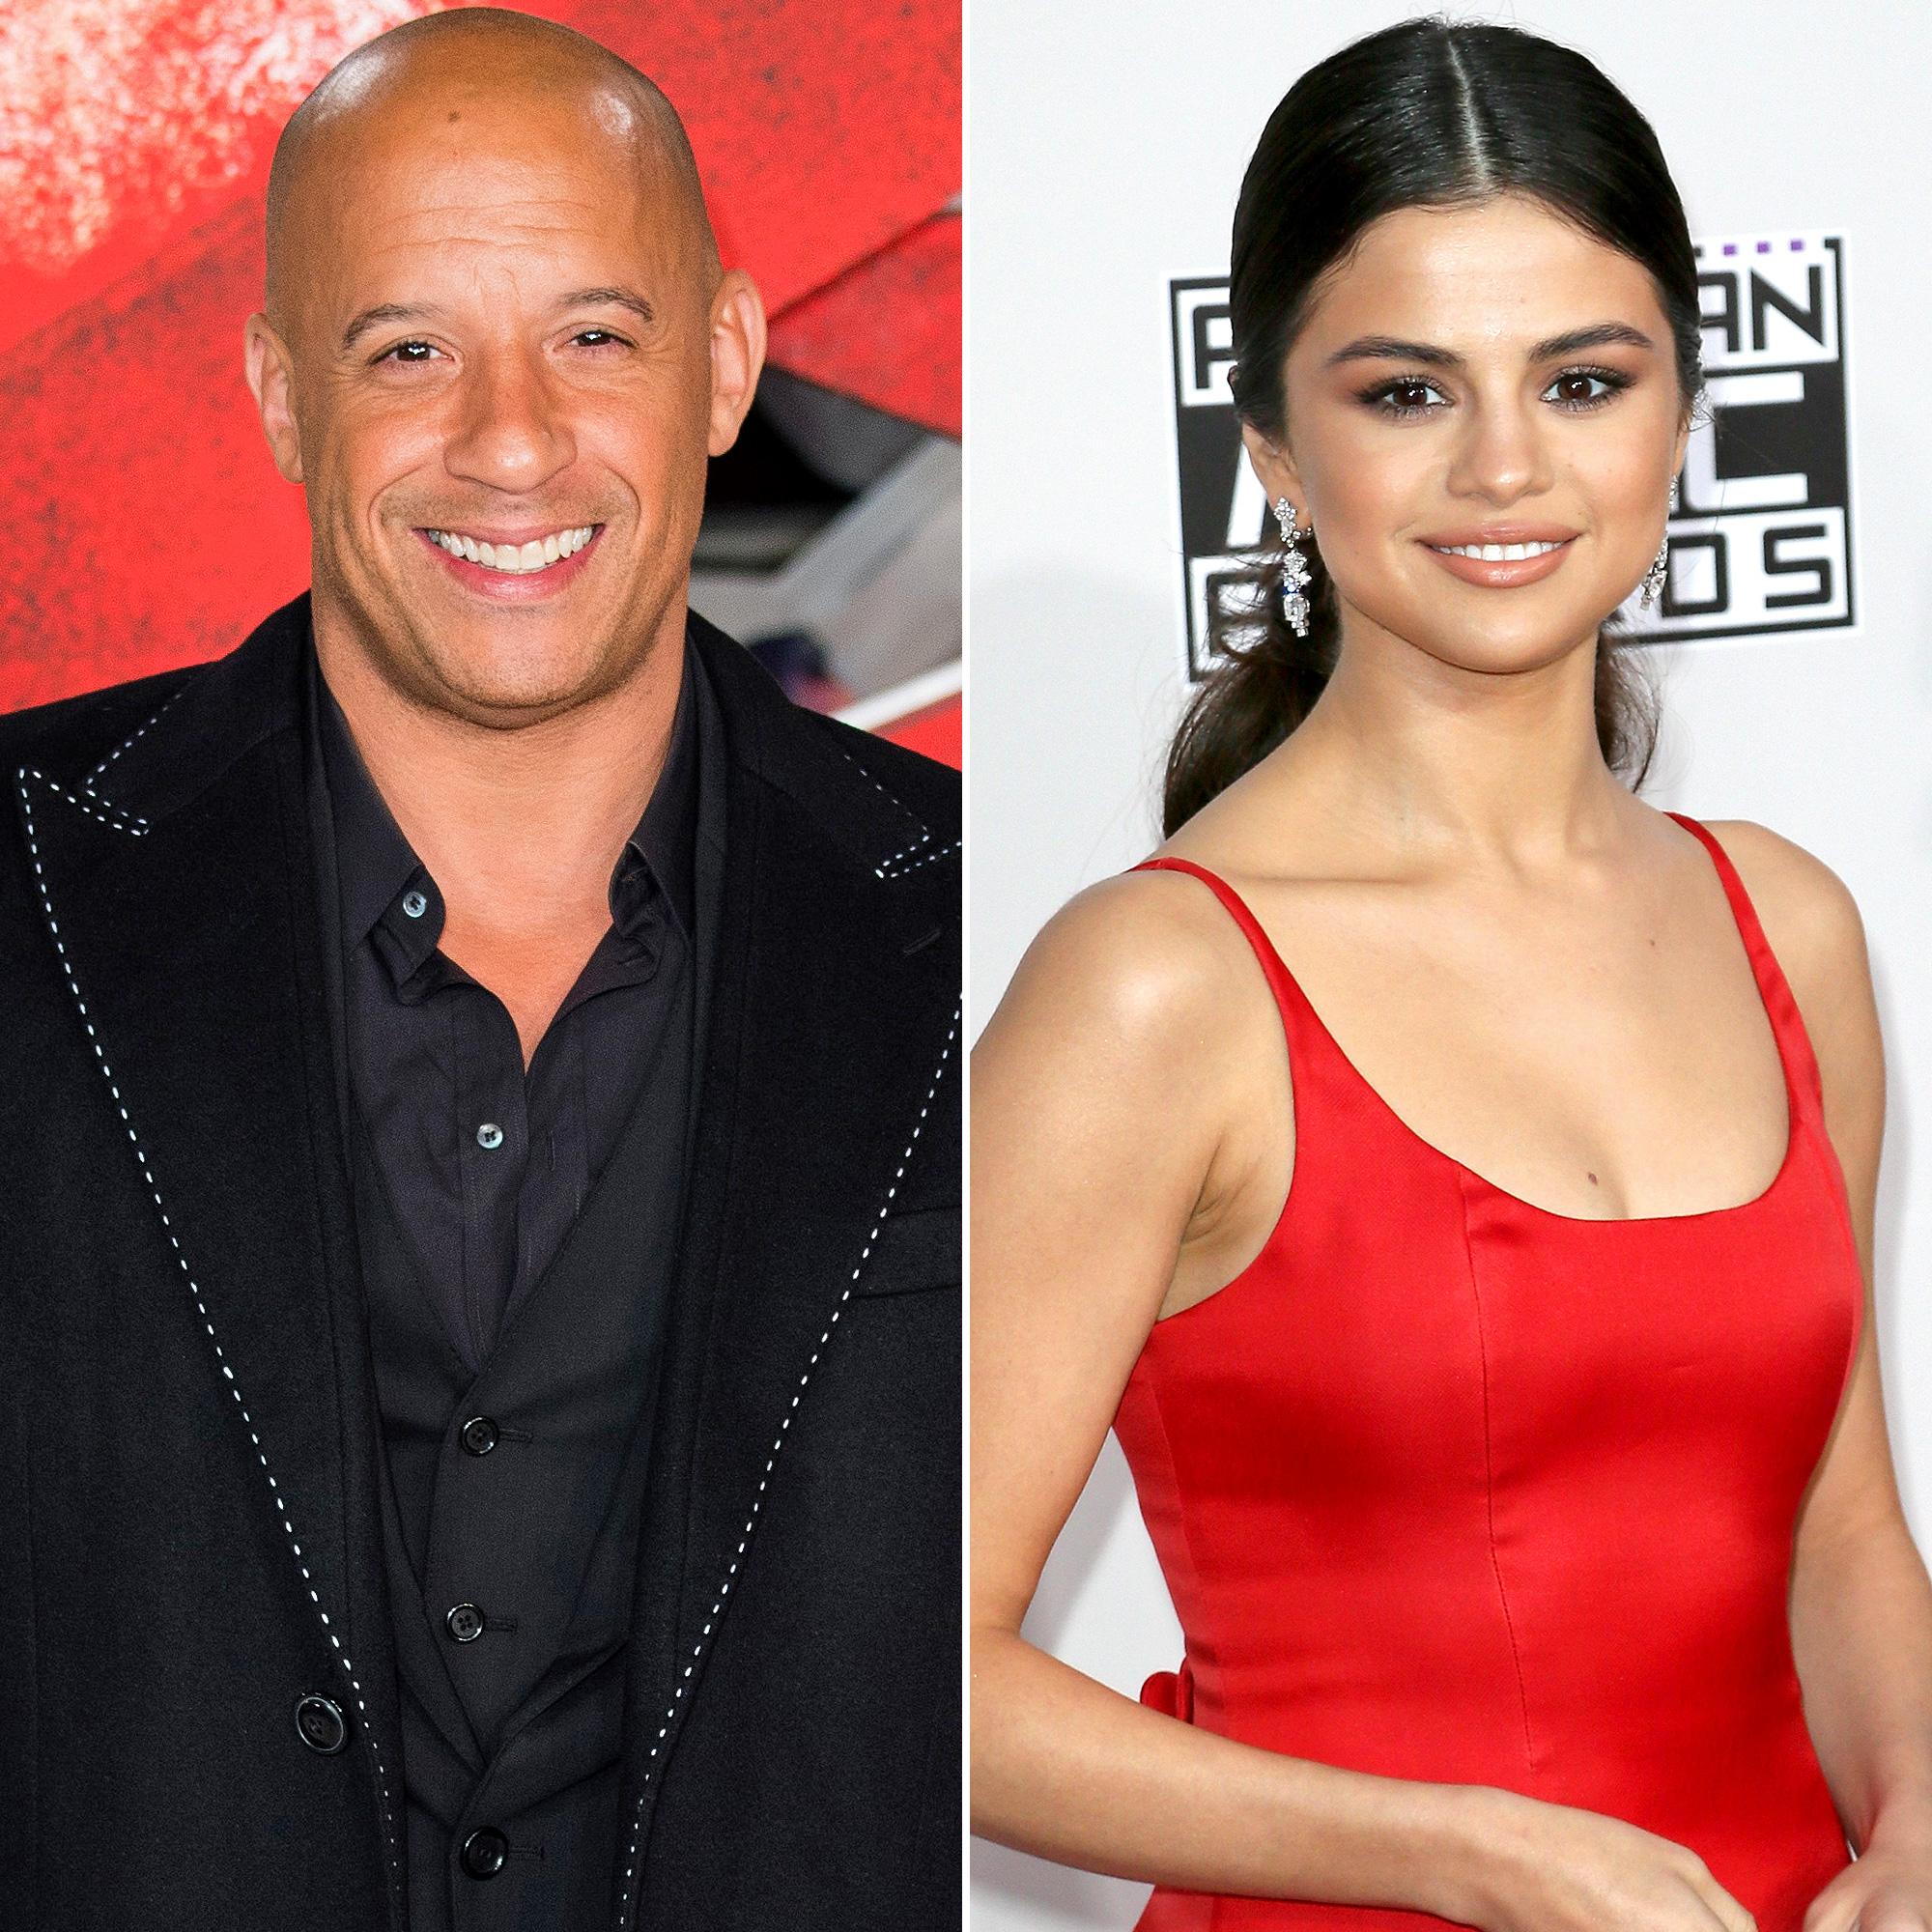 Vin Diesel and Selena Gomez